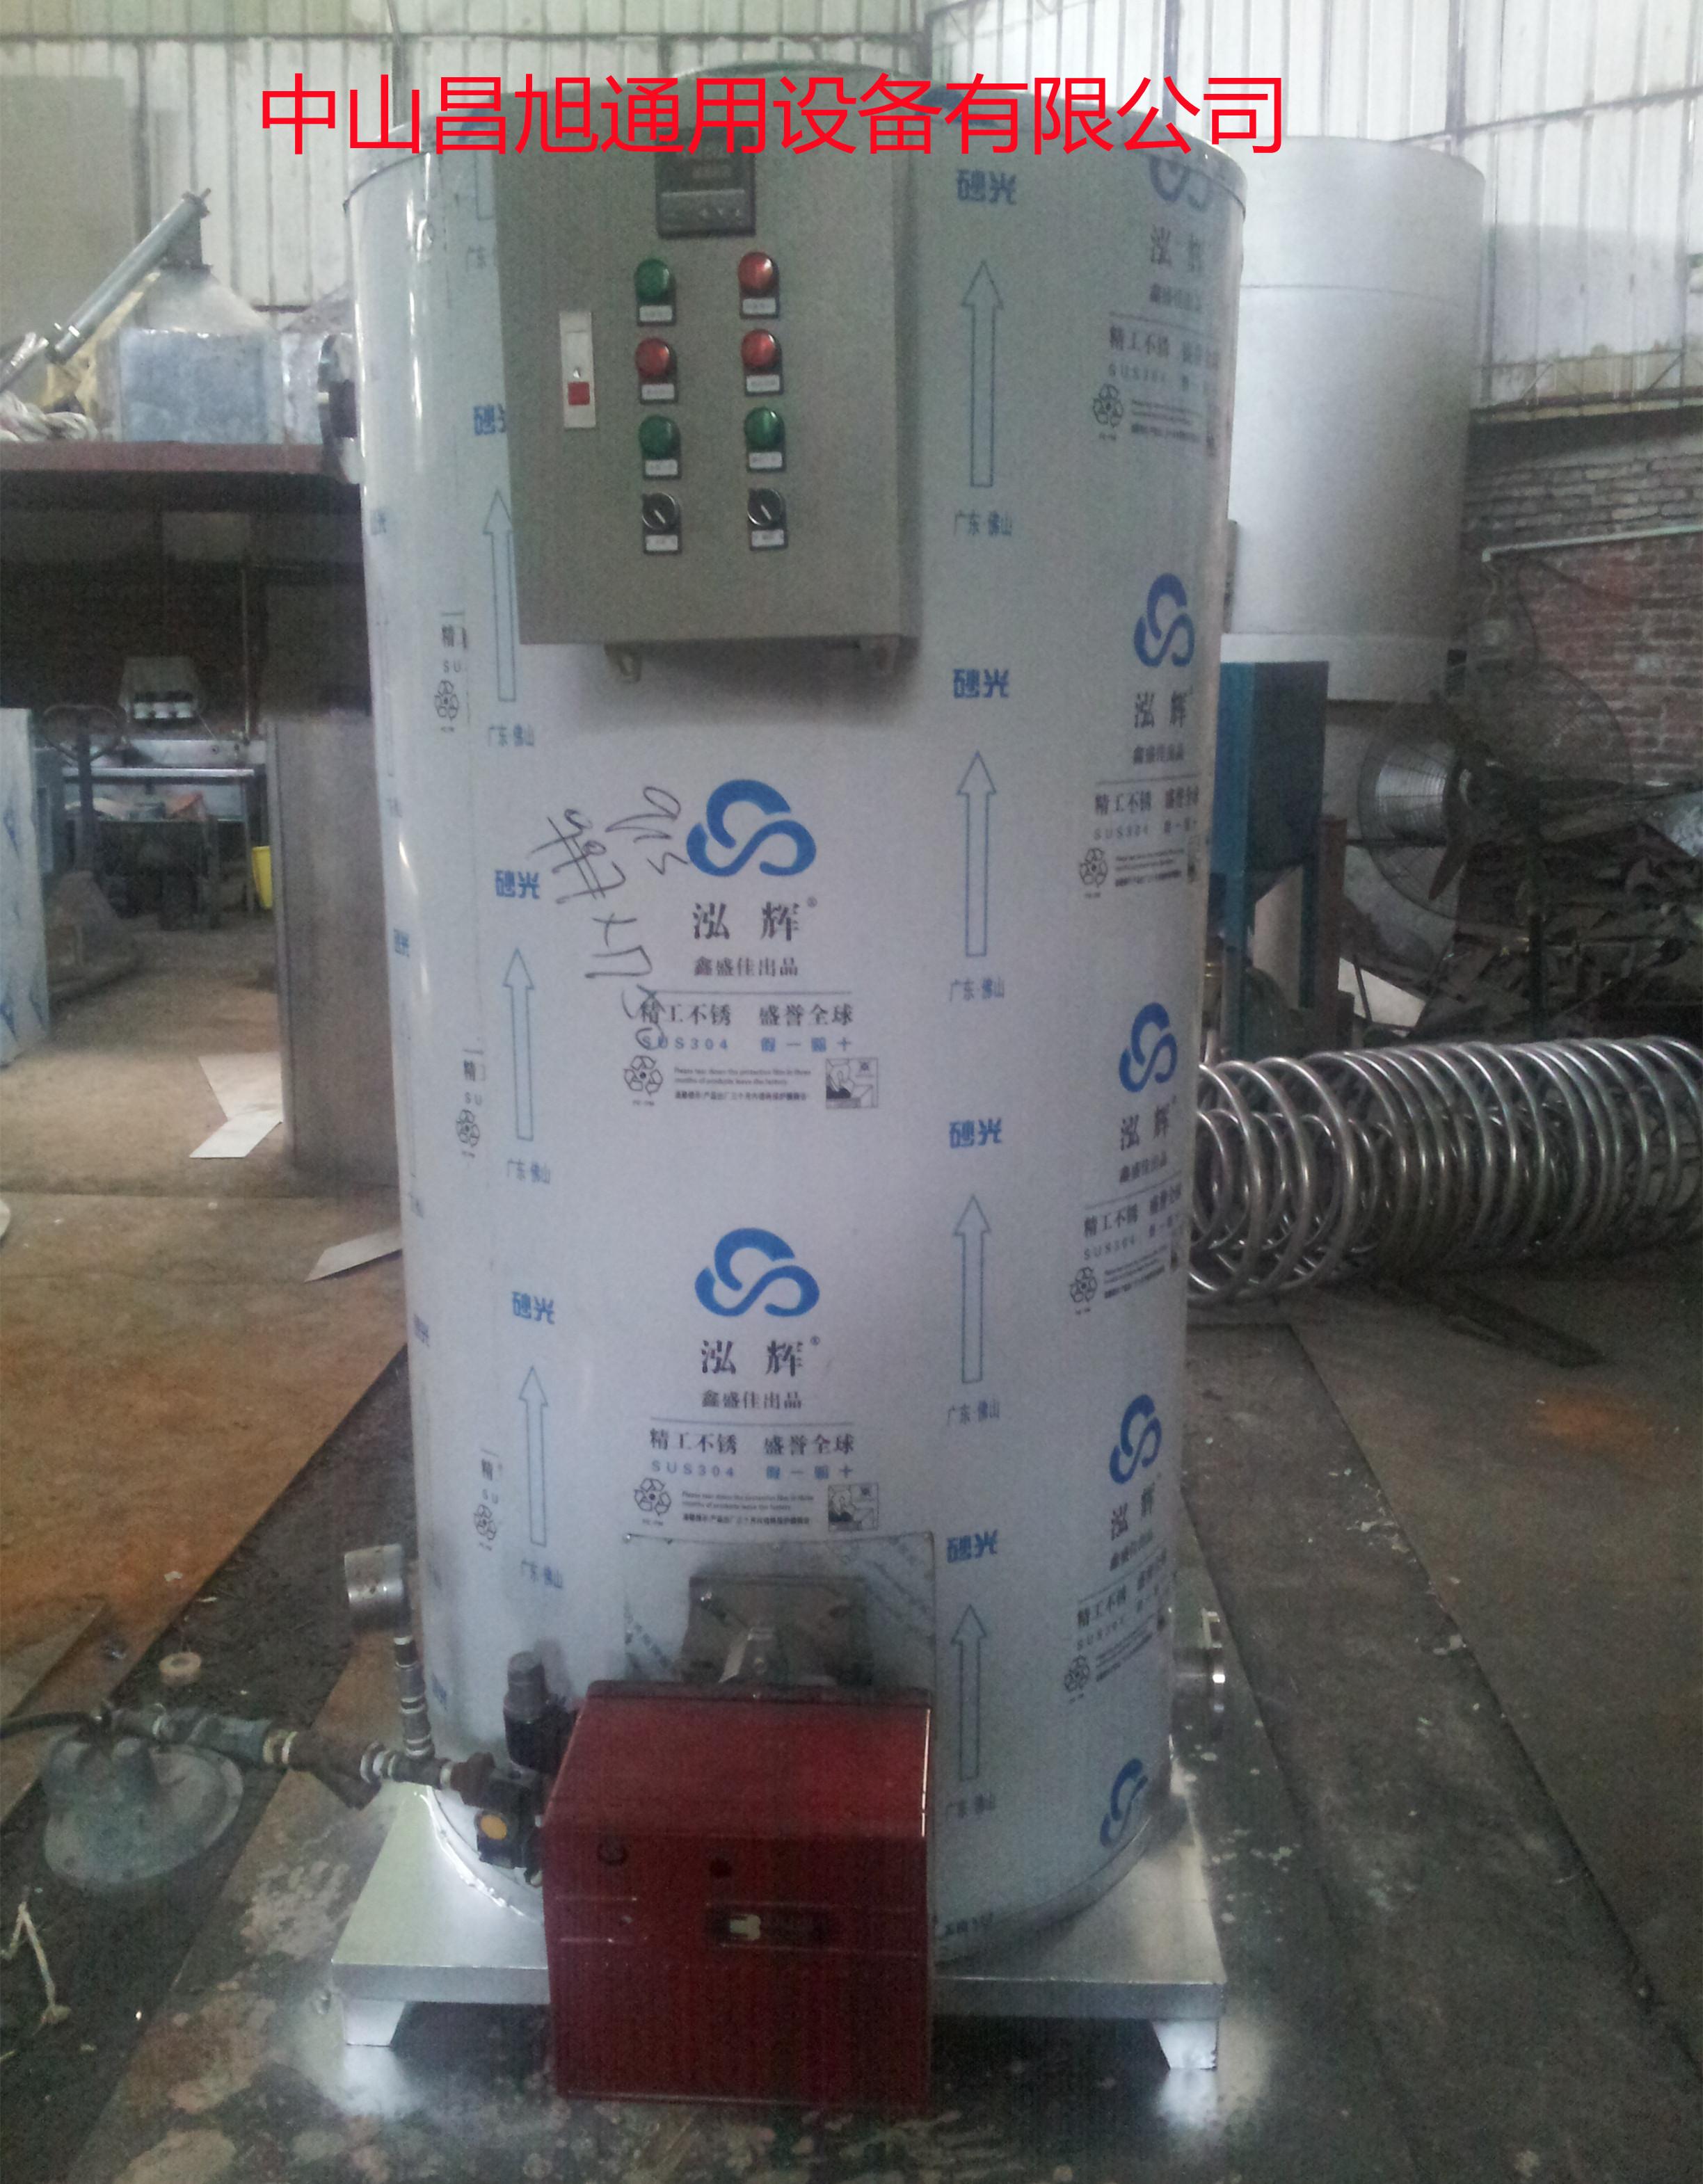 燃油燃氣熱水鍋爐,熱水機熱水設備的生產廠家供應批發商,價格優惠